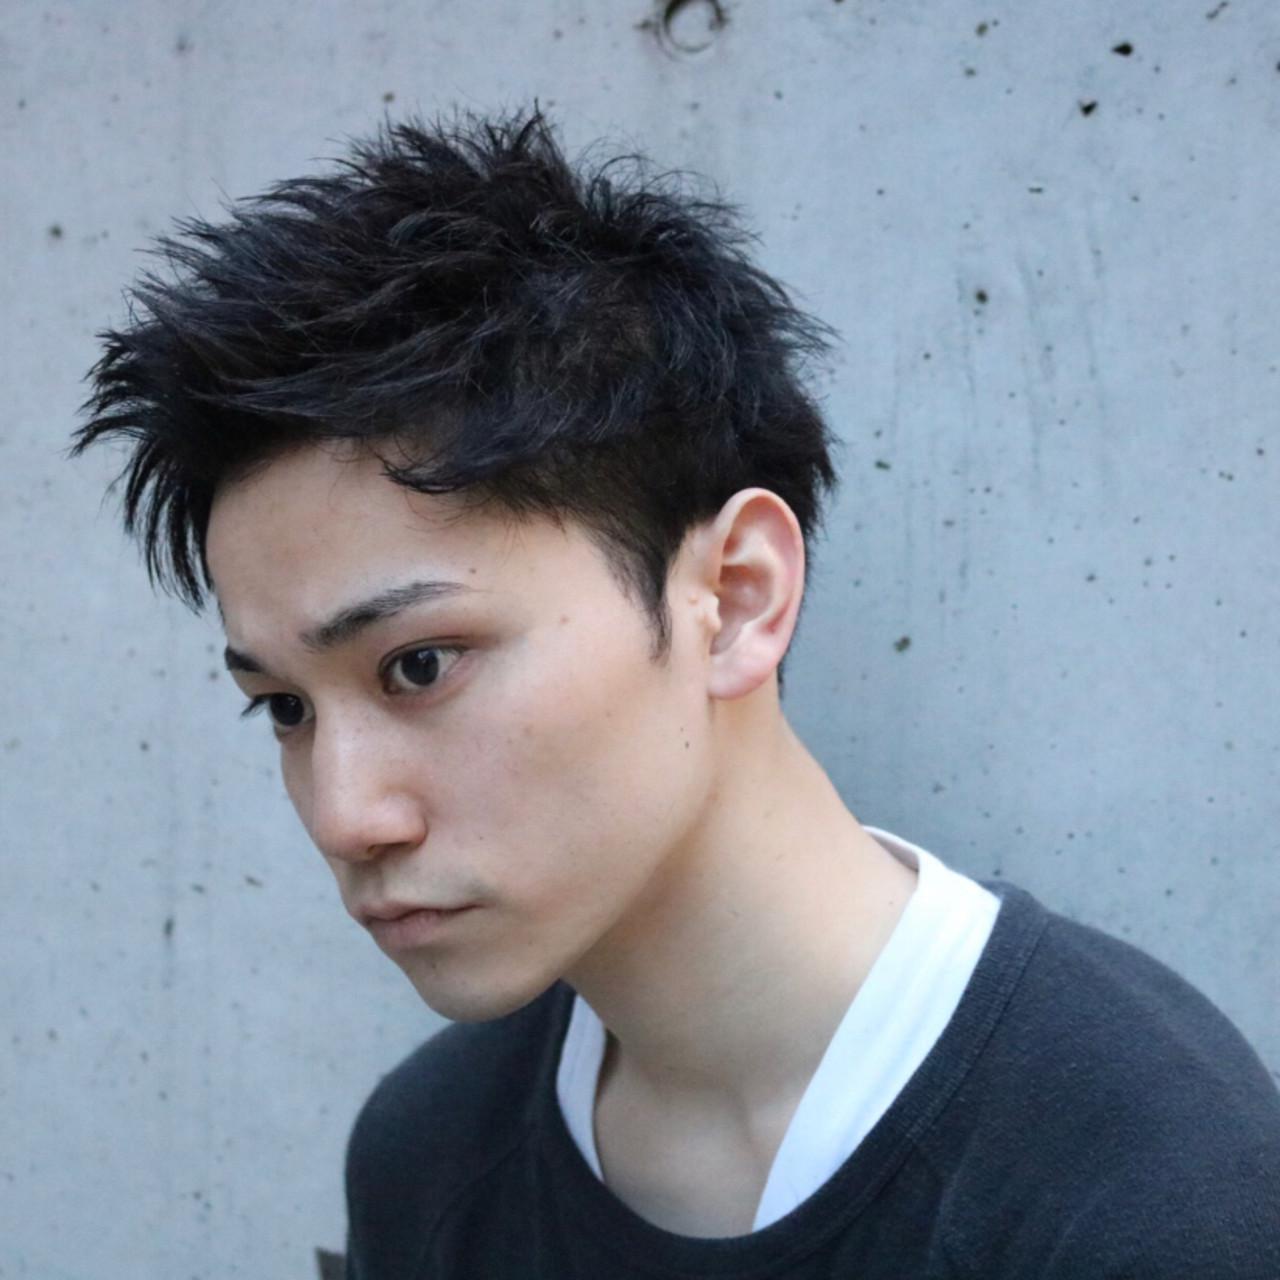 アップバング ナチュラル ツーブロック メンズスタイル ヘアスタイルや髪型の写真・画像